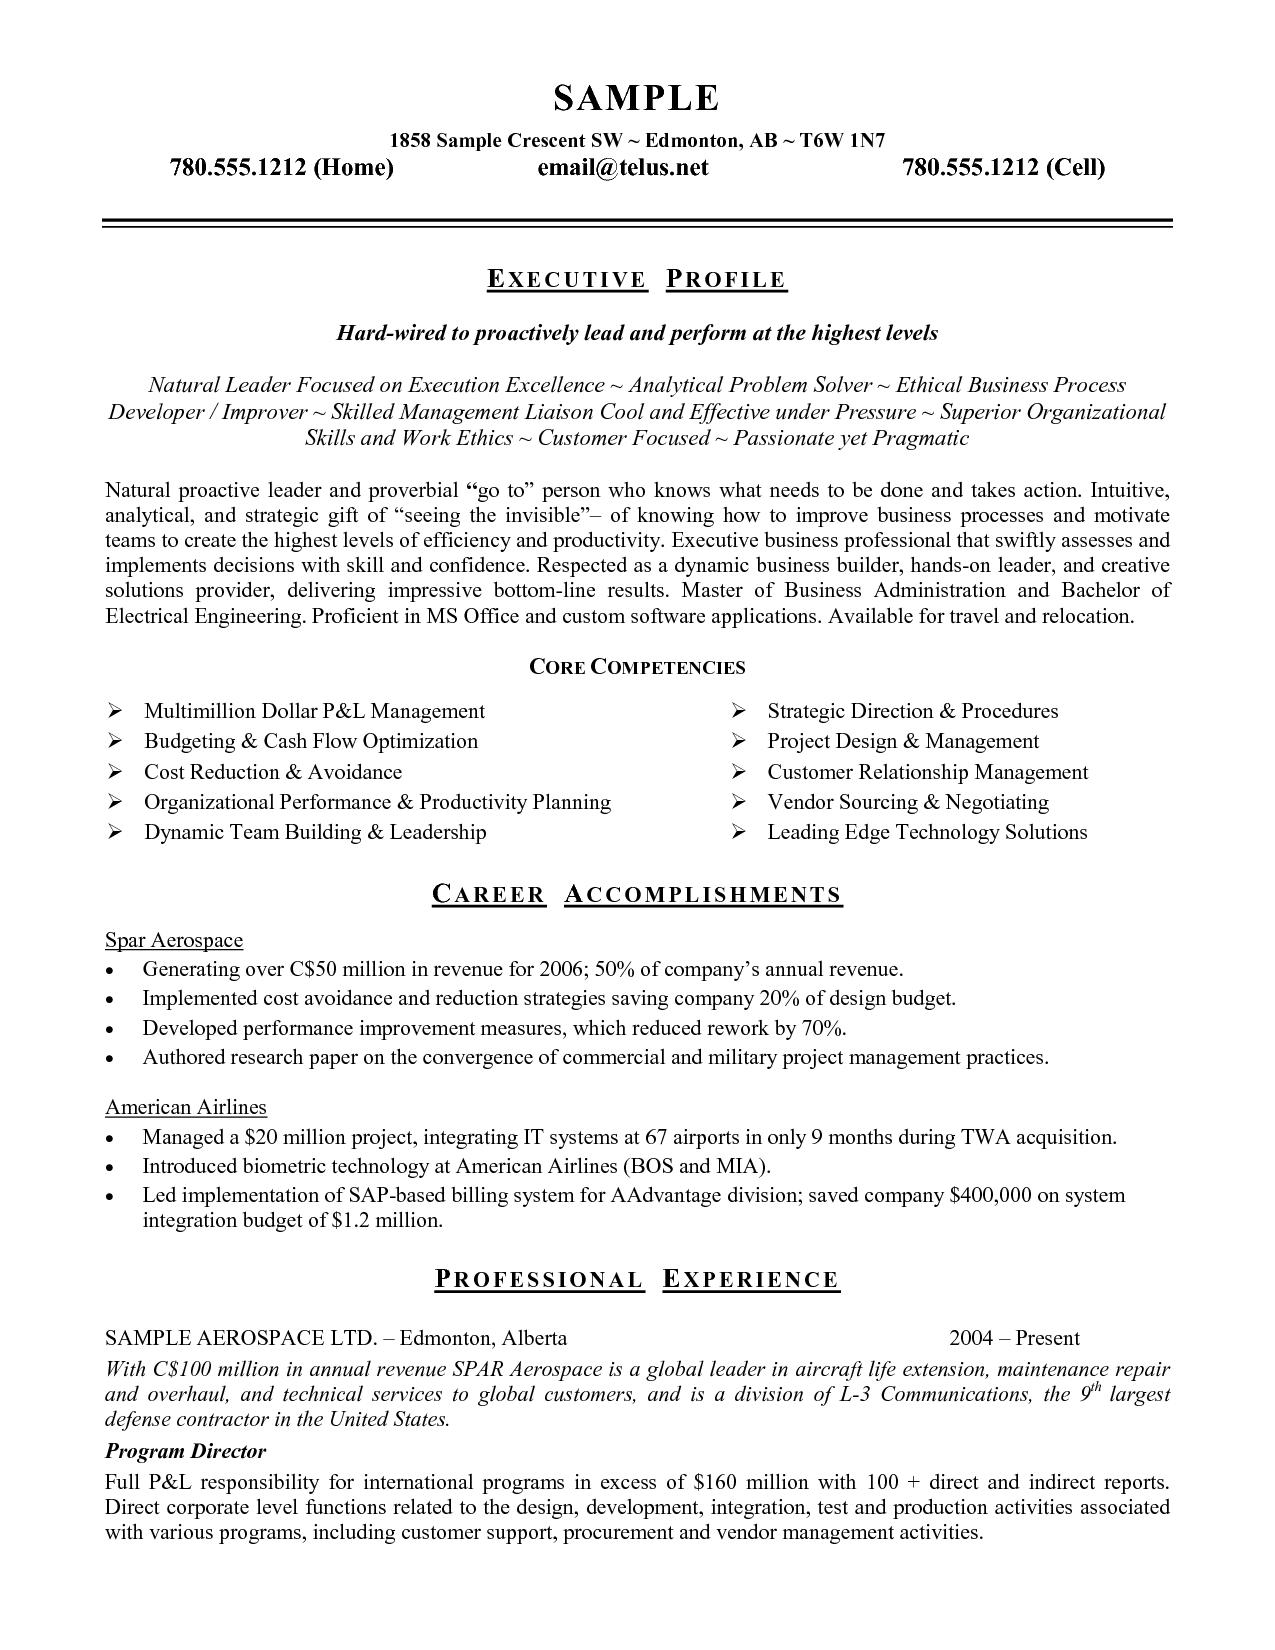 resume header in microsoft word